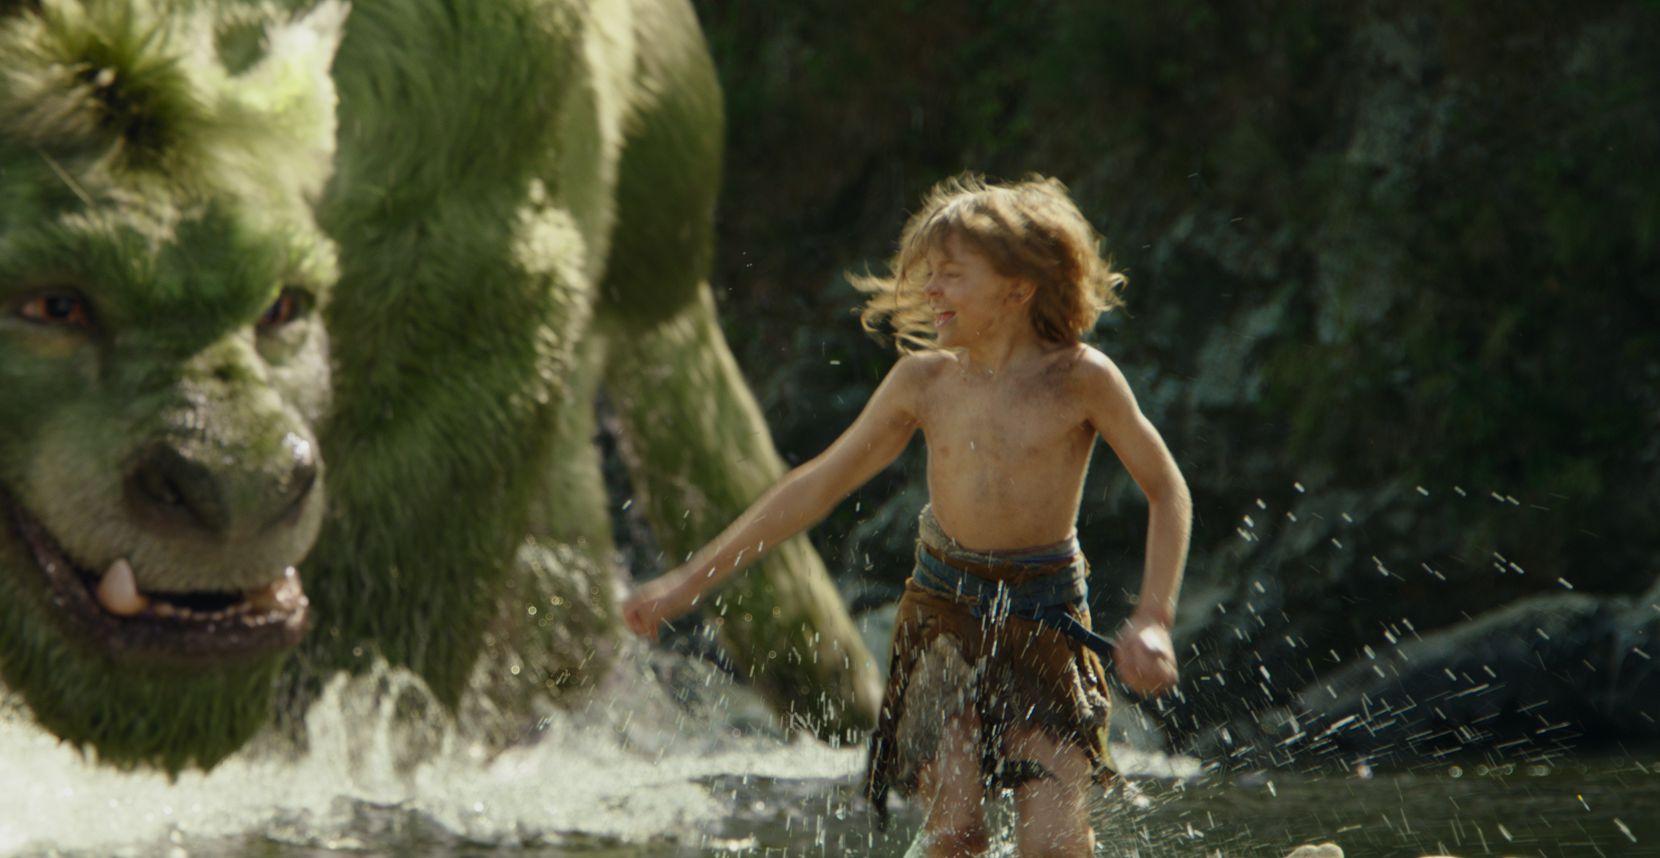 Oakes Fegley en la película Pete's Dragon. Fotos AP